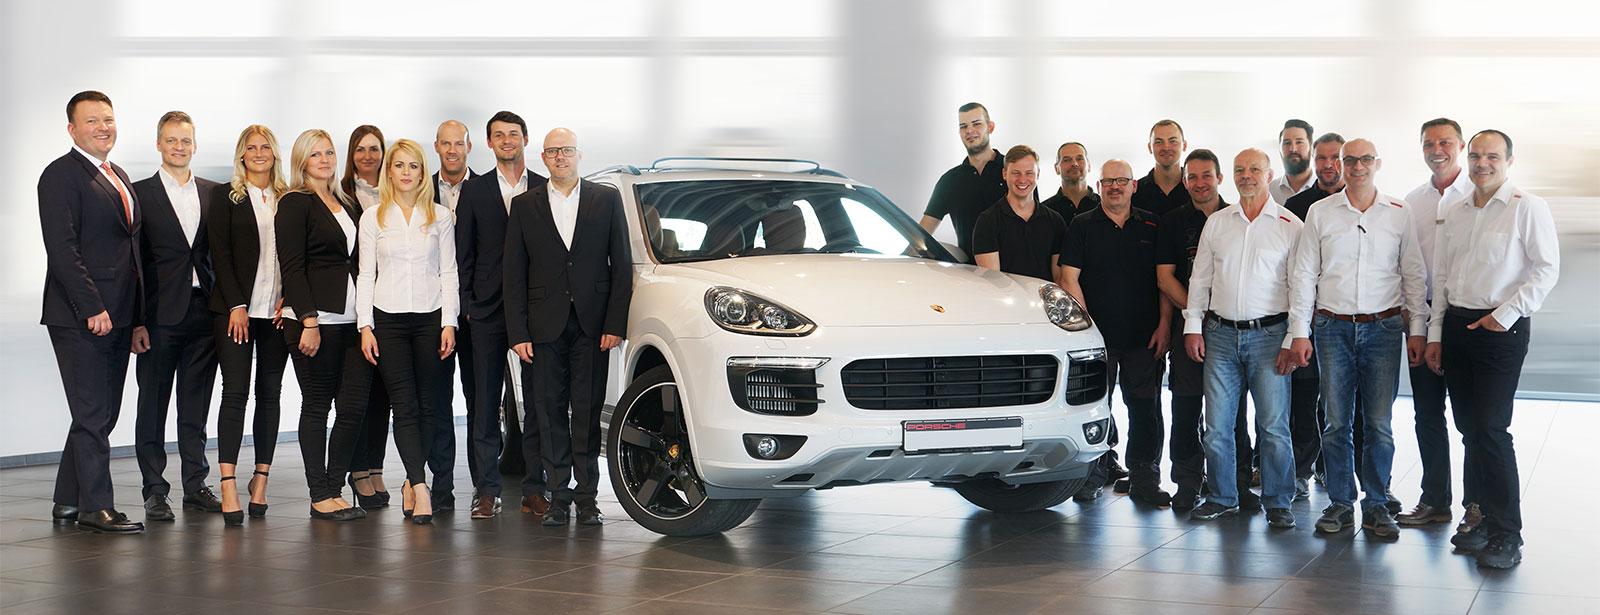 Porsche Zentrum Baden Baden